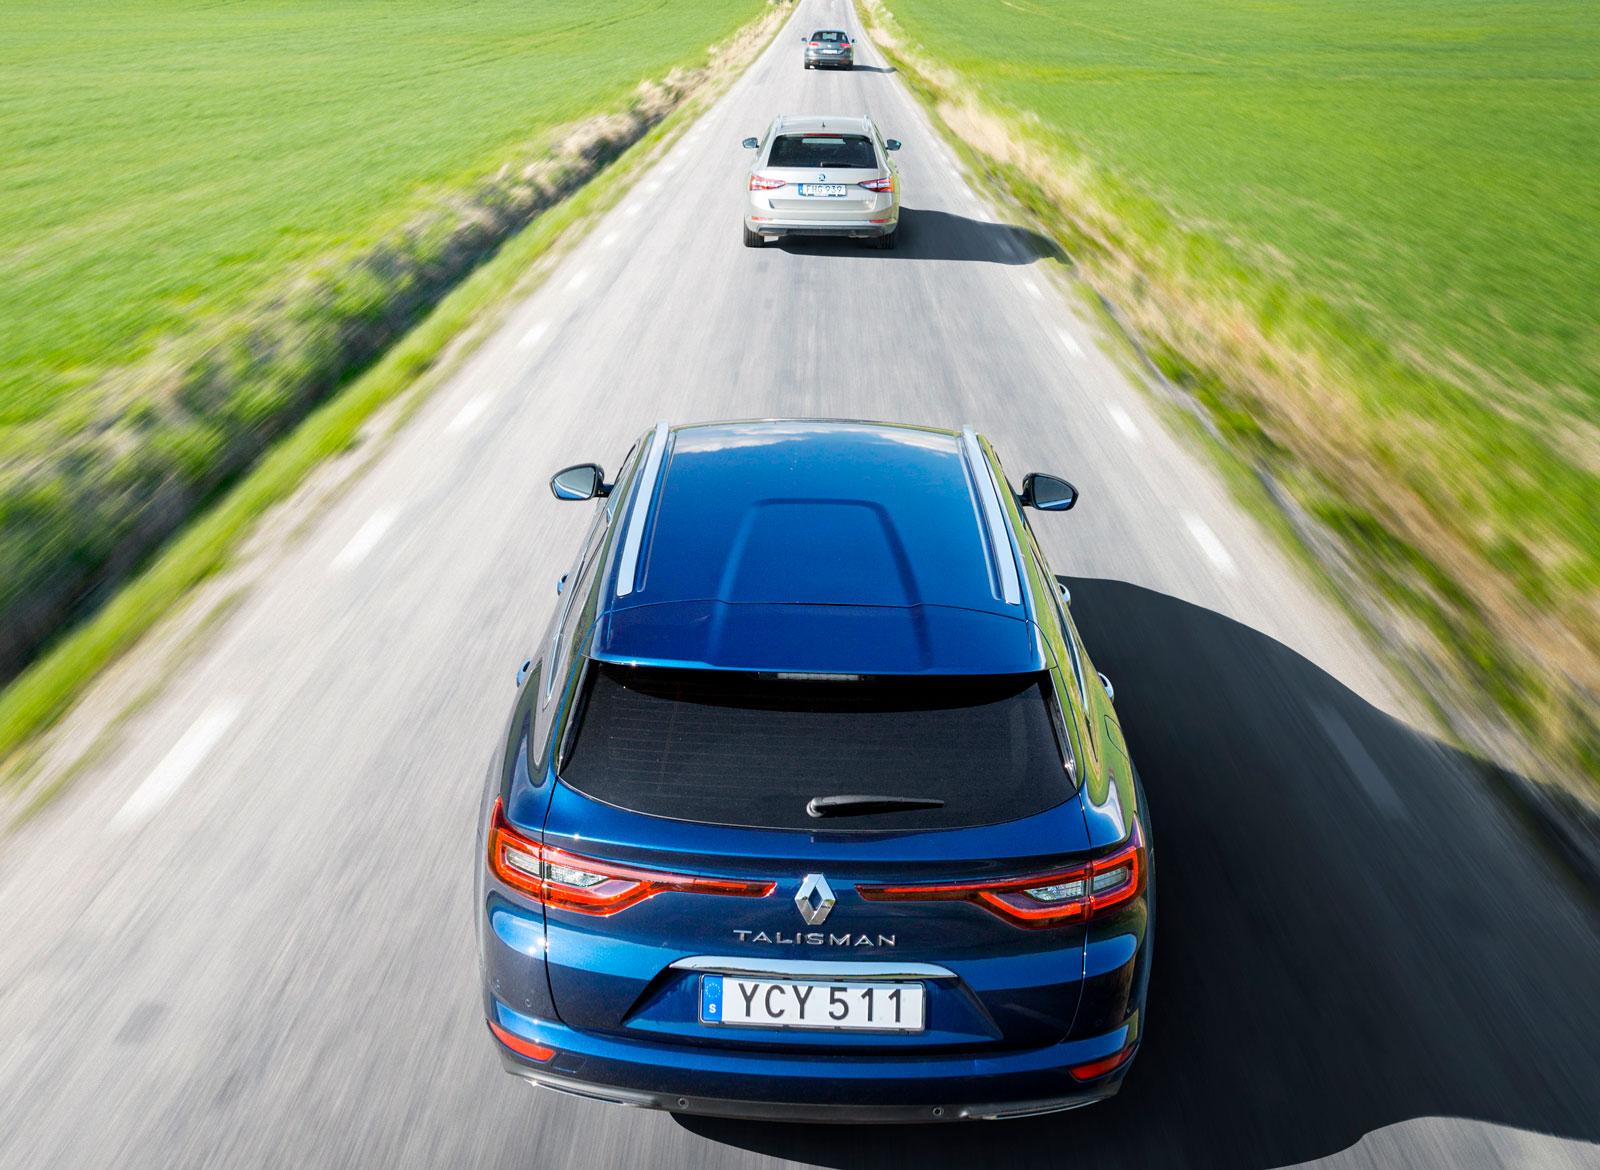 Renault har lagt ned mycket krut på designen av nya Talisman, som har testets maffigaste bakparti. En bra finess är att även bakljusens LED-slingor lyser när varselljuset är på. Framför Renault skymtar Skoda Superb och VW Passat.